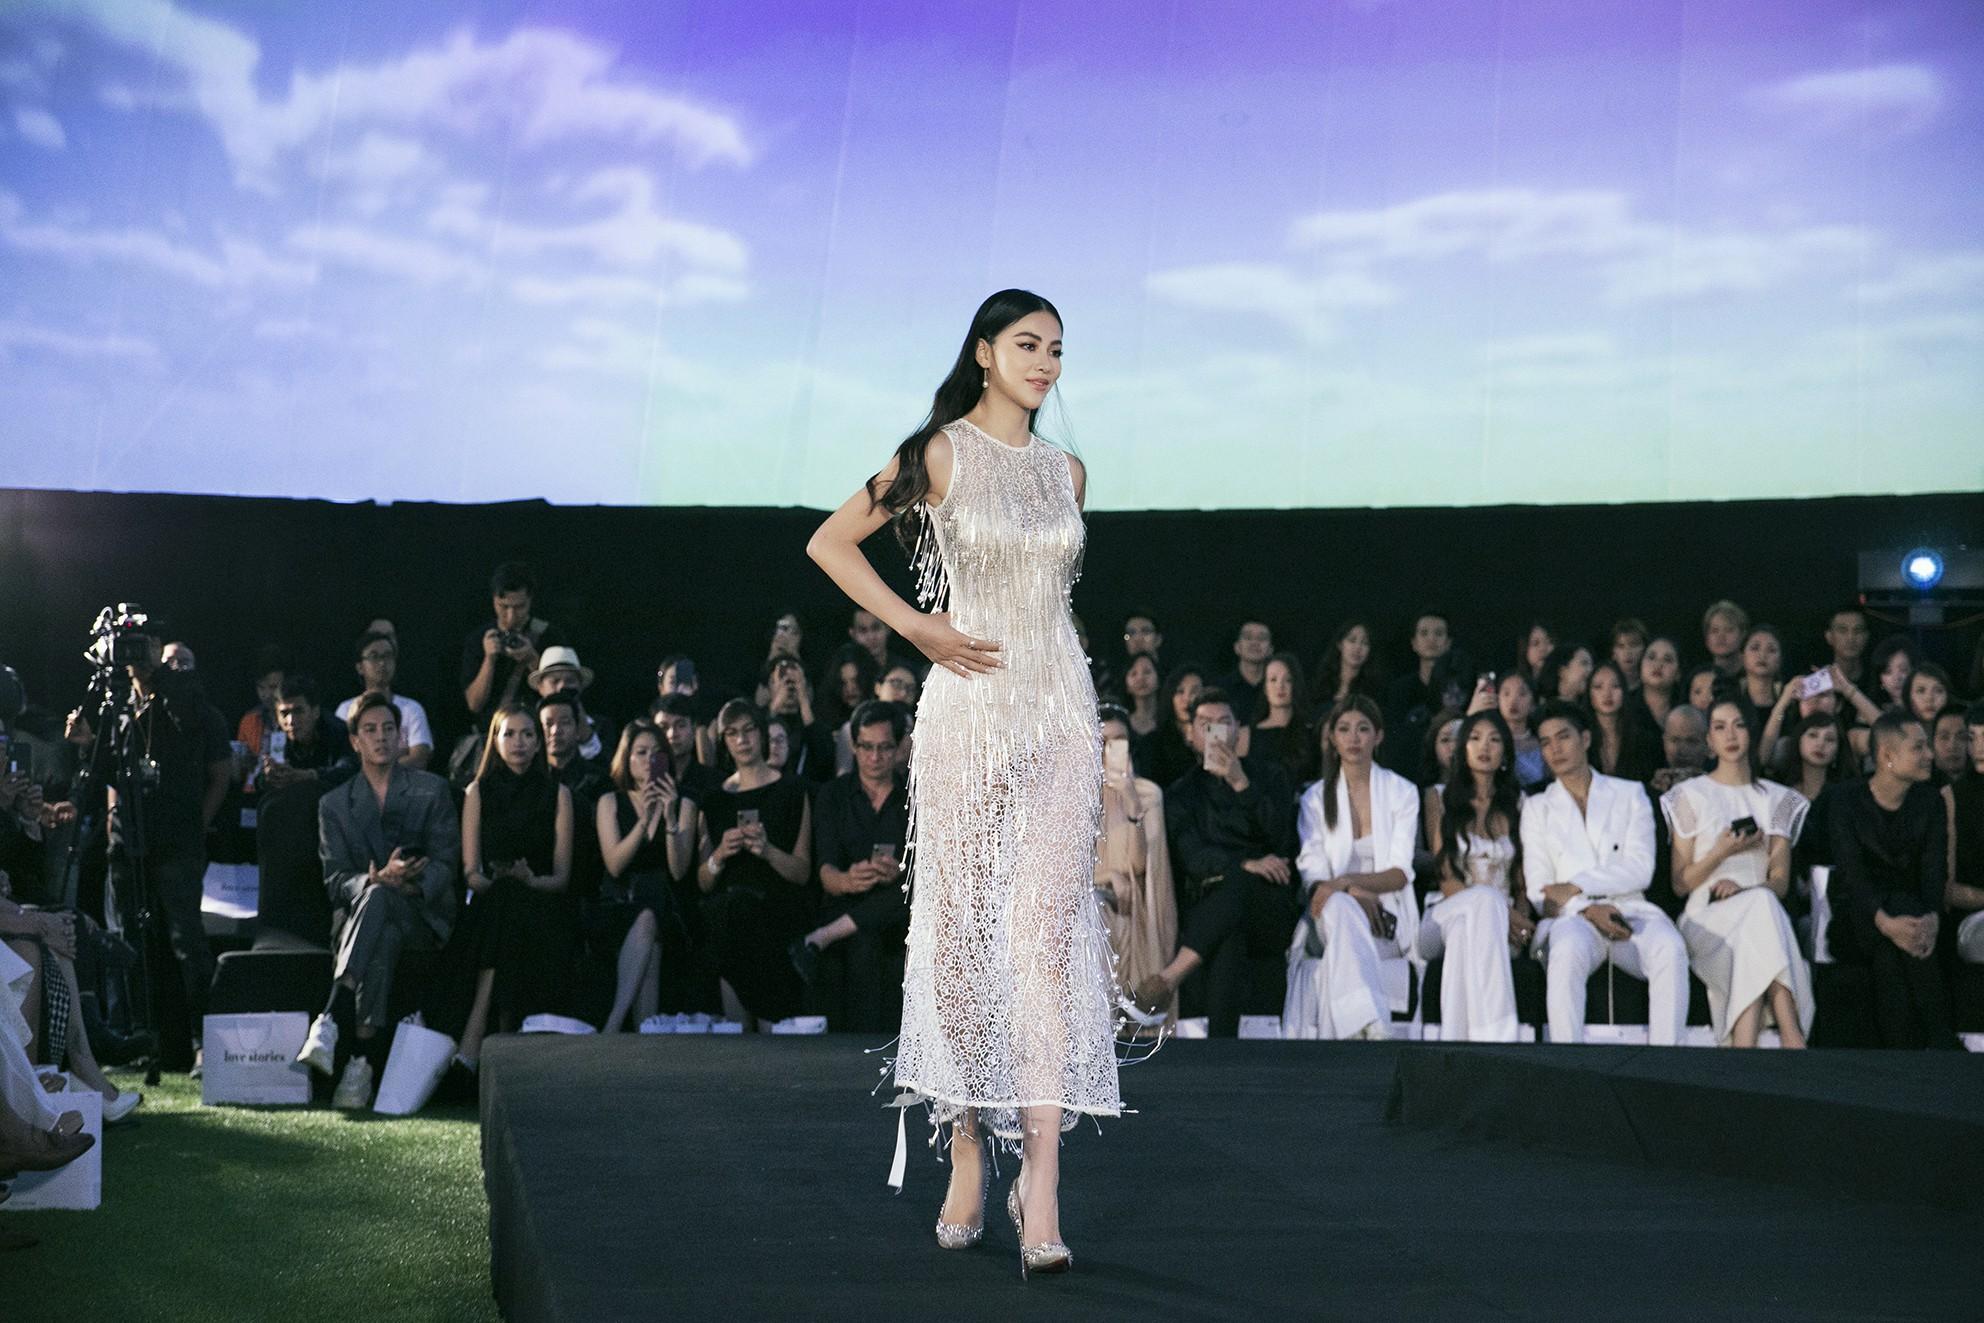 Tạm gác ồn ào nợ 3 tỷ đồng, Hoa hậu Trái đất Phương Khánh phô trương đường cong vệ nữ tại show của Adrian Anh Tuấn - Ảnh 2.